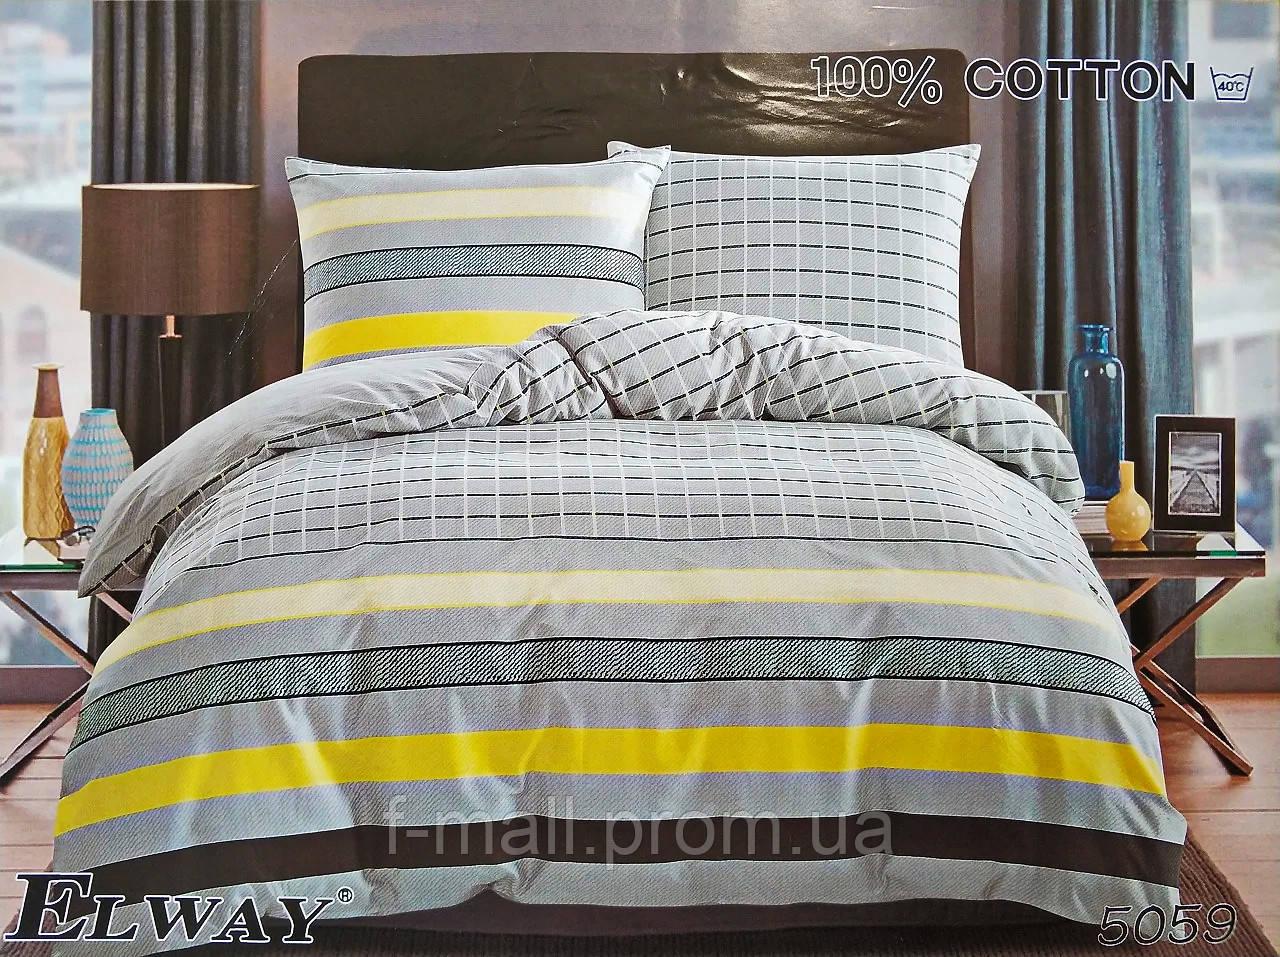 Комплект постельного белья ELWAY (Польша) Сатин семейный (5059)